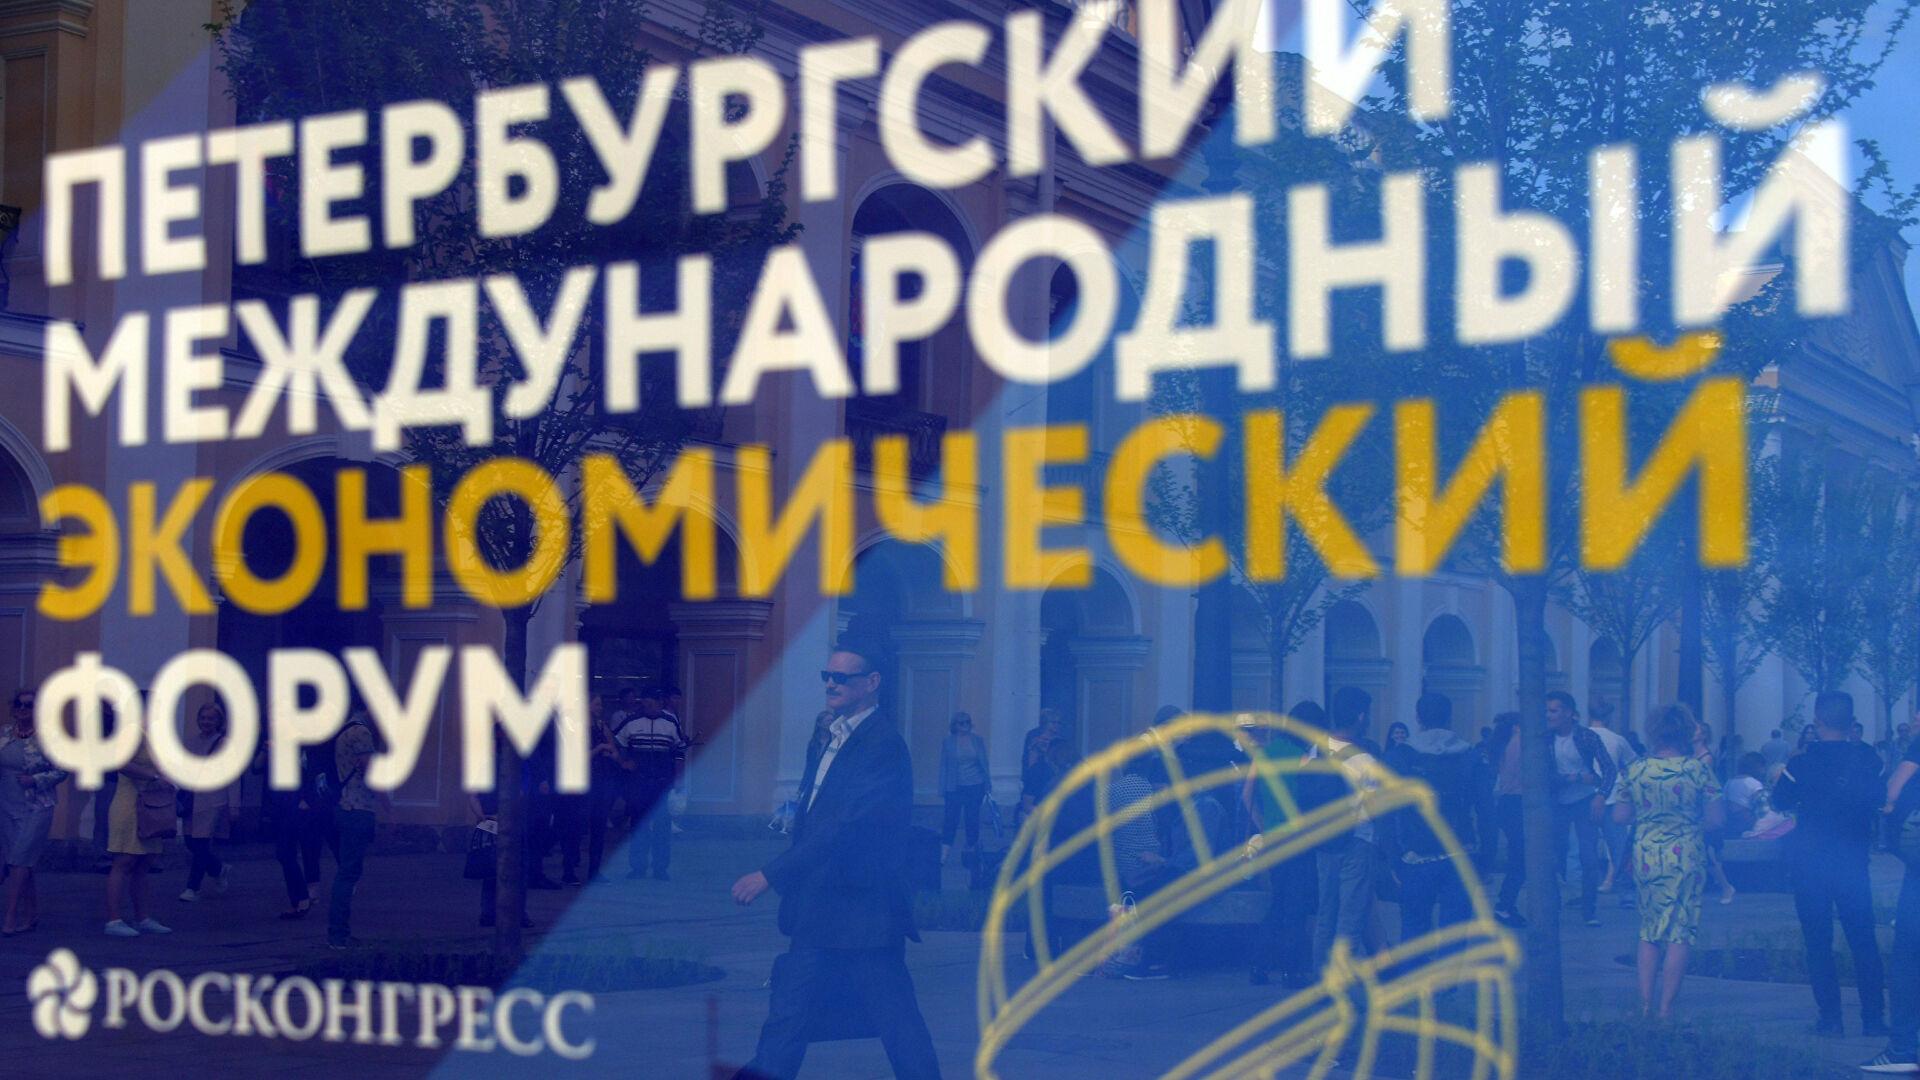 Компании-члены Ассоциации «Цифровая энергетика» примут активное участие в работе Петербургского международного экономического форума